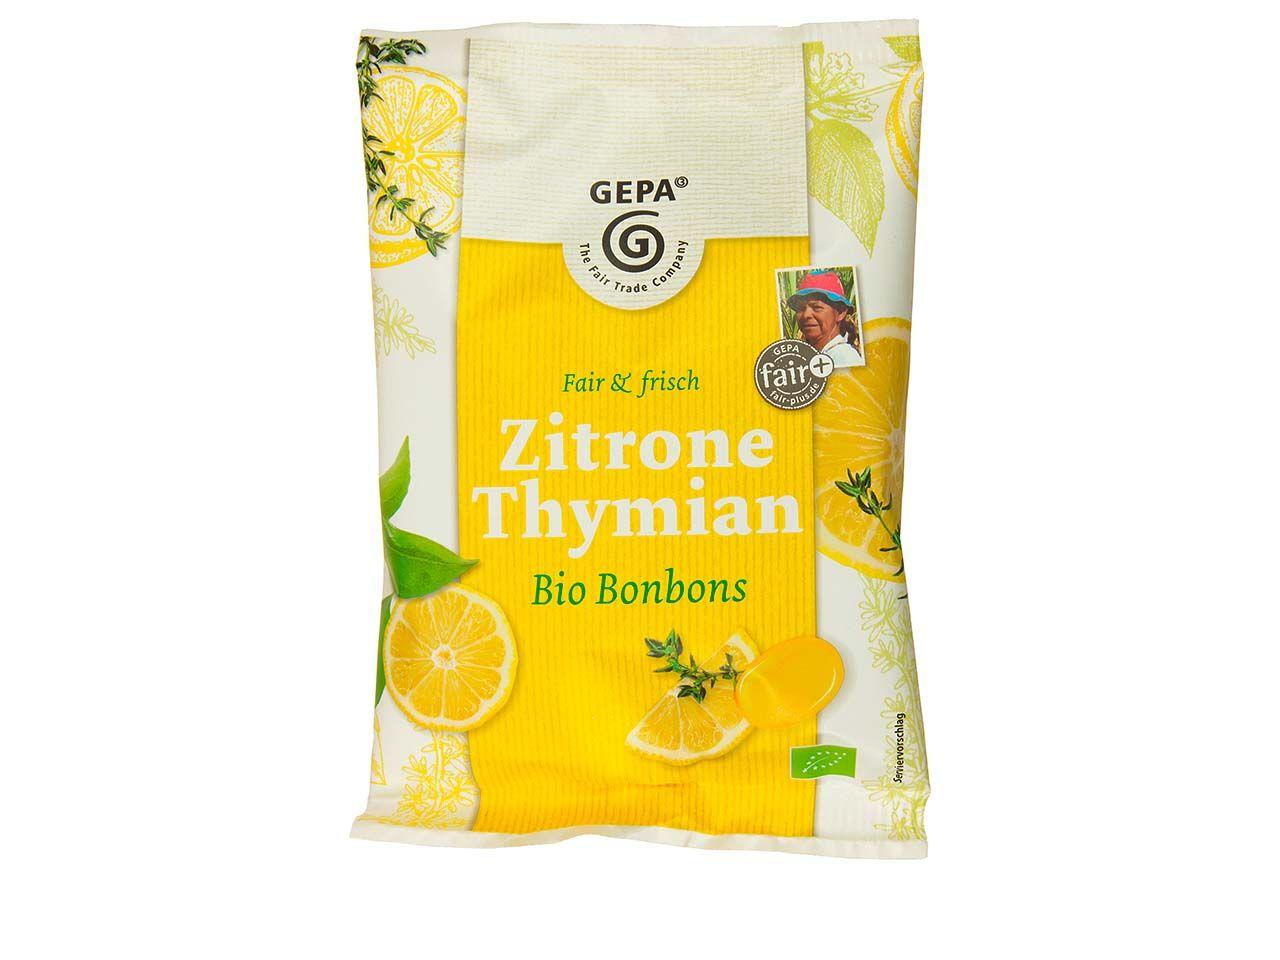 GEPA Bio-Bonbons